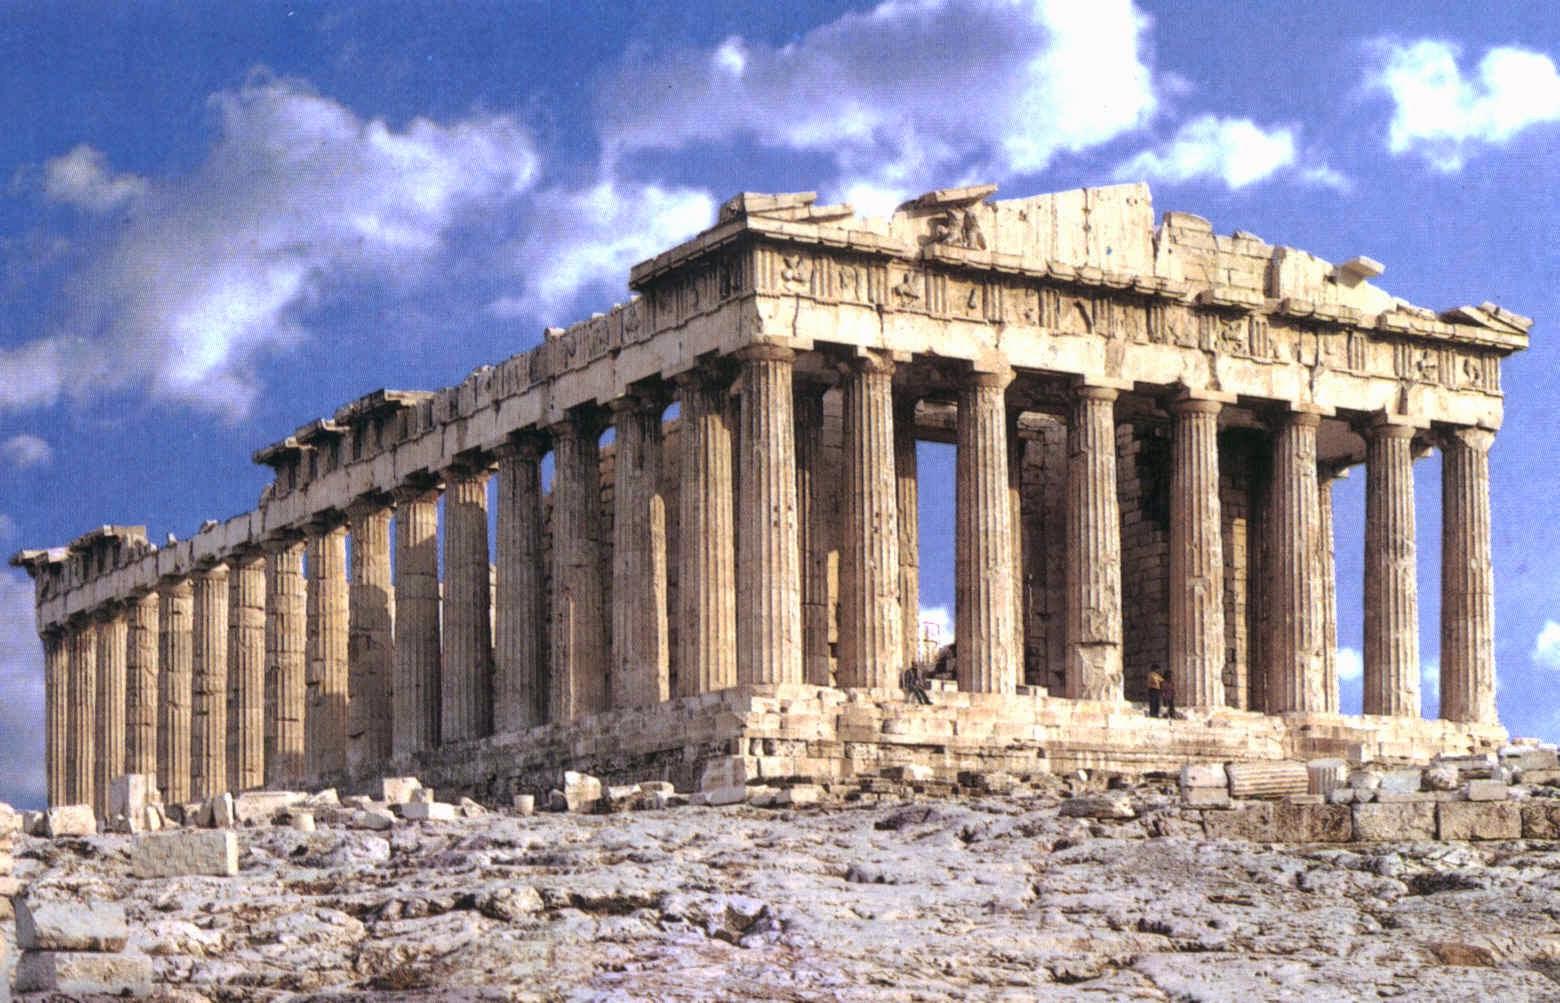 Arquitectura En La Antigua Grecia Templo Griego Características Paisaje Asentamiento Historia De La Arquitectura